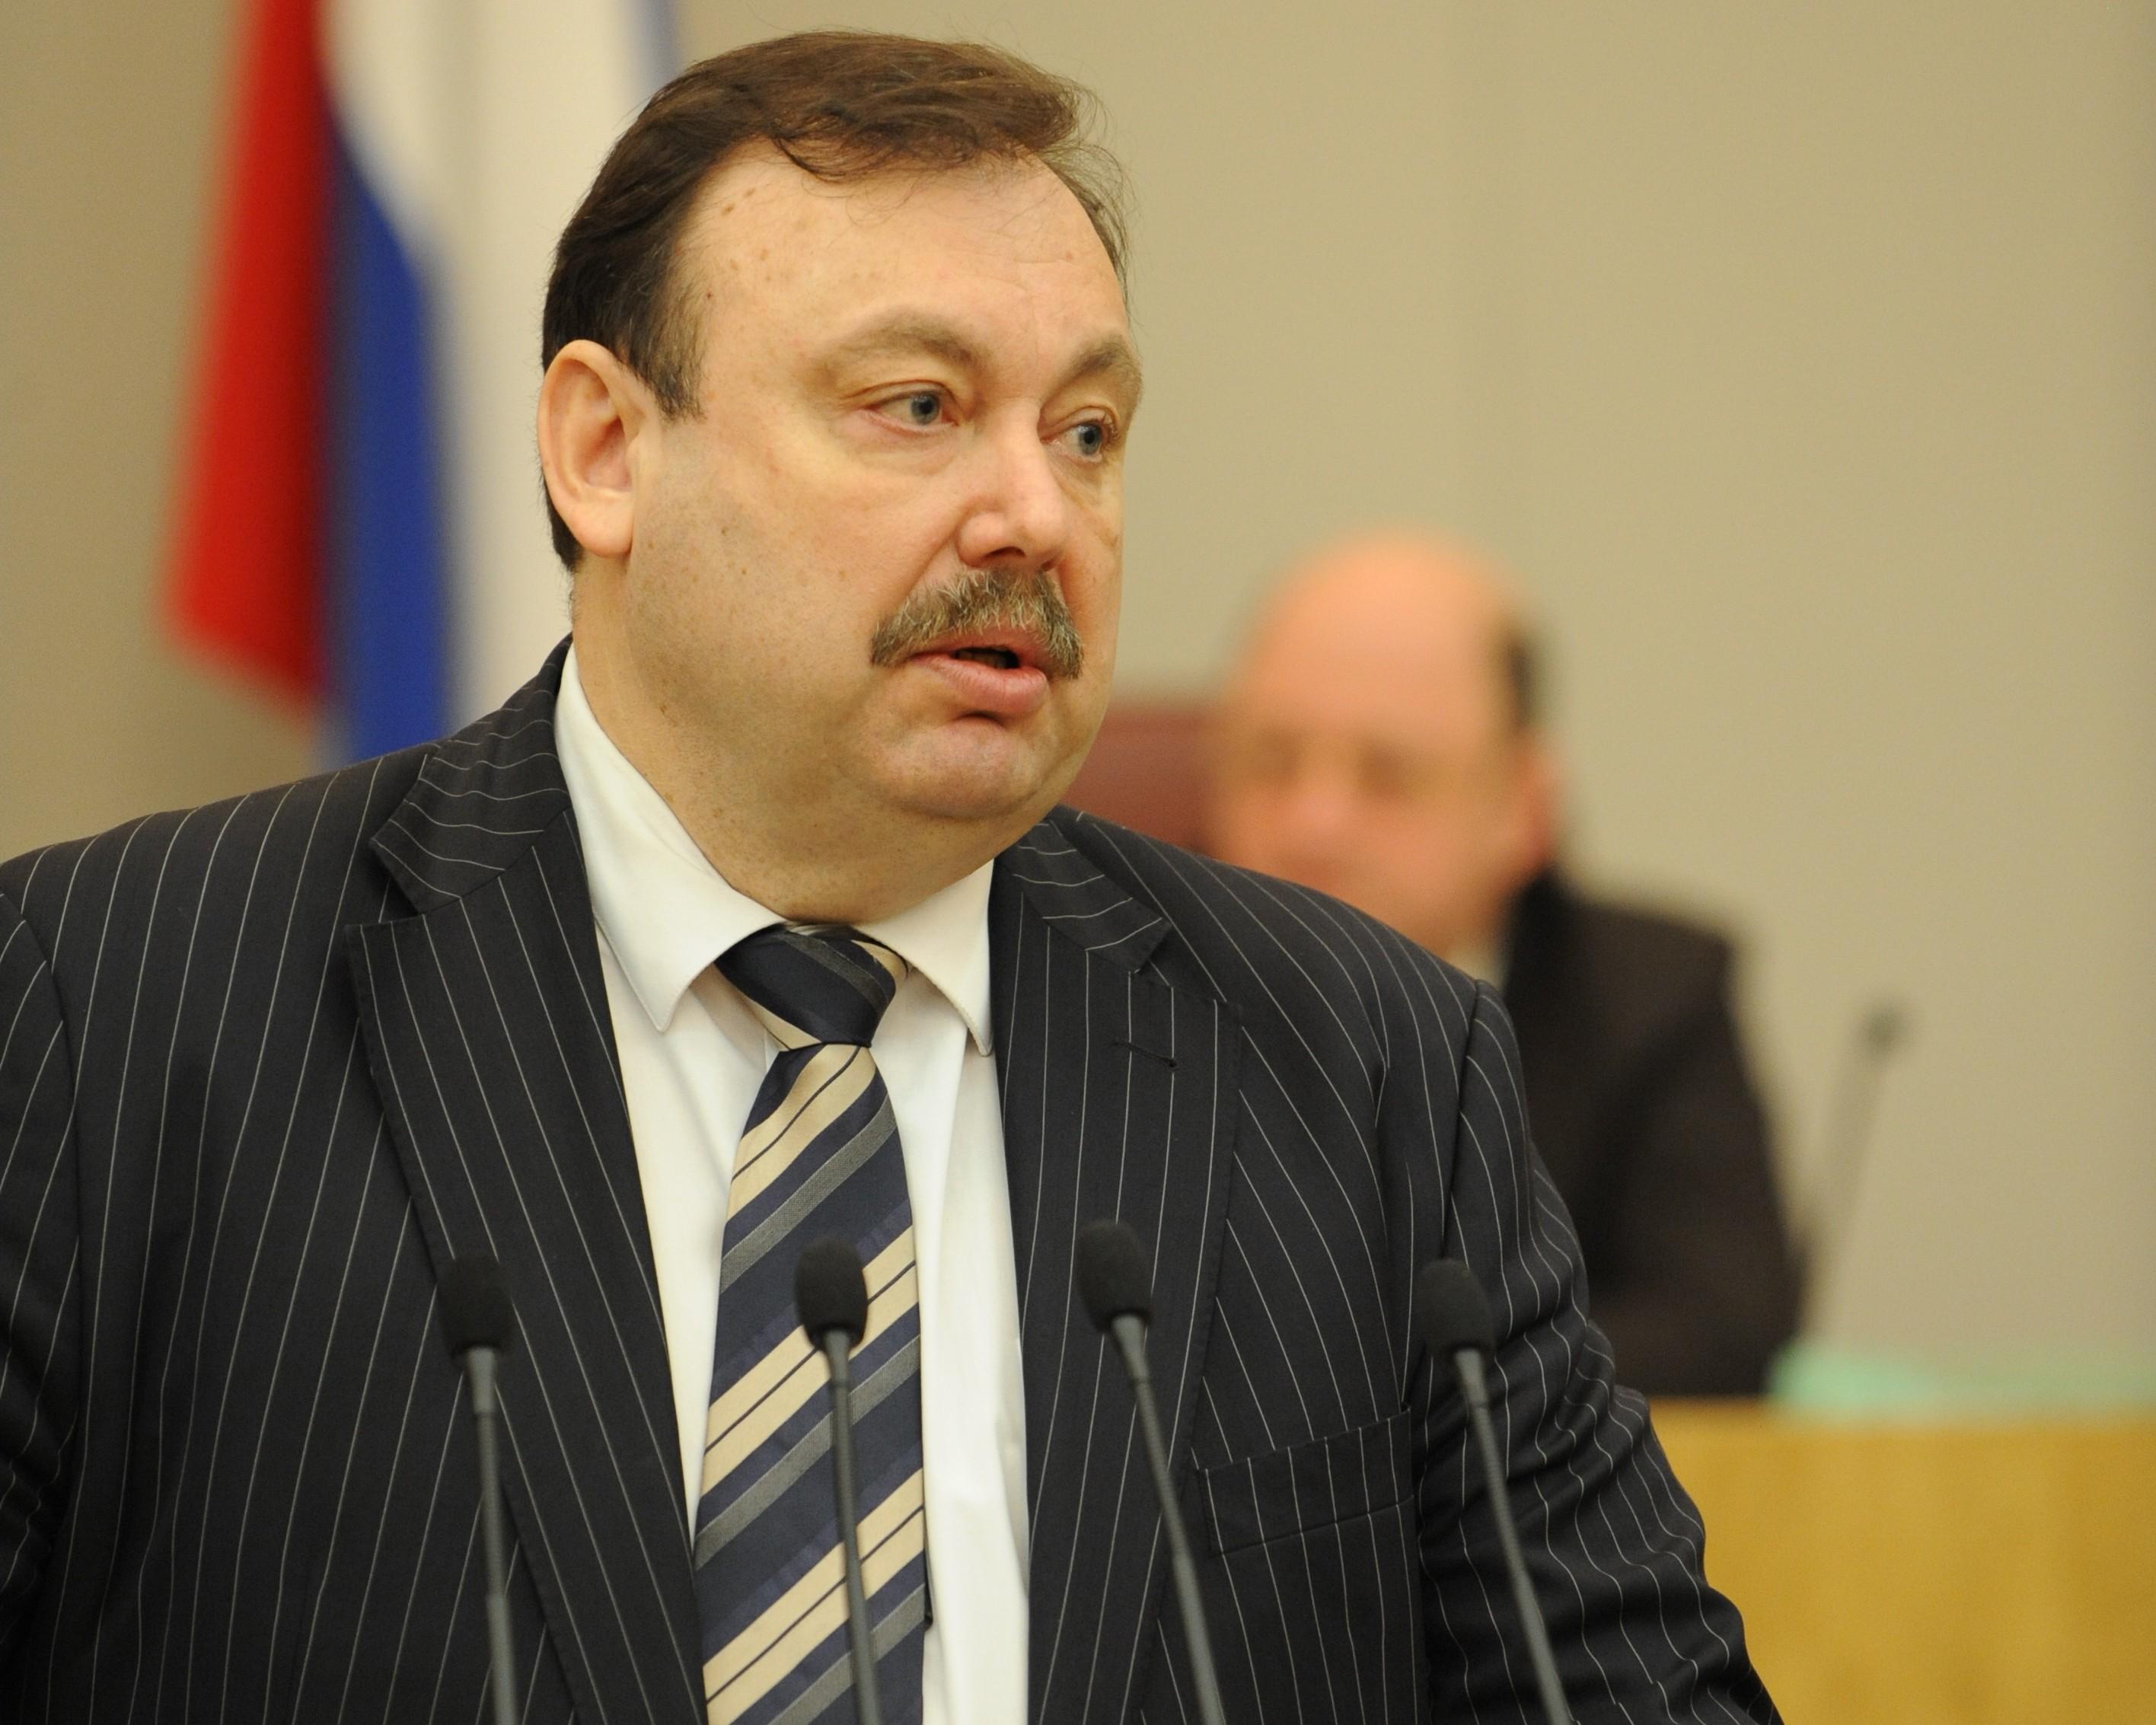 быстрый способ геннадий гудков депутат госдумы фото поставил ультиматум